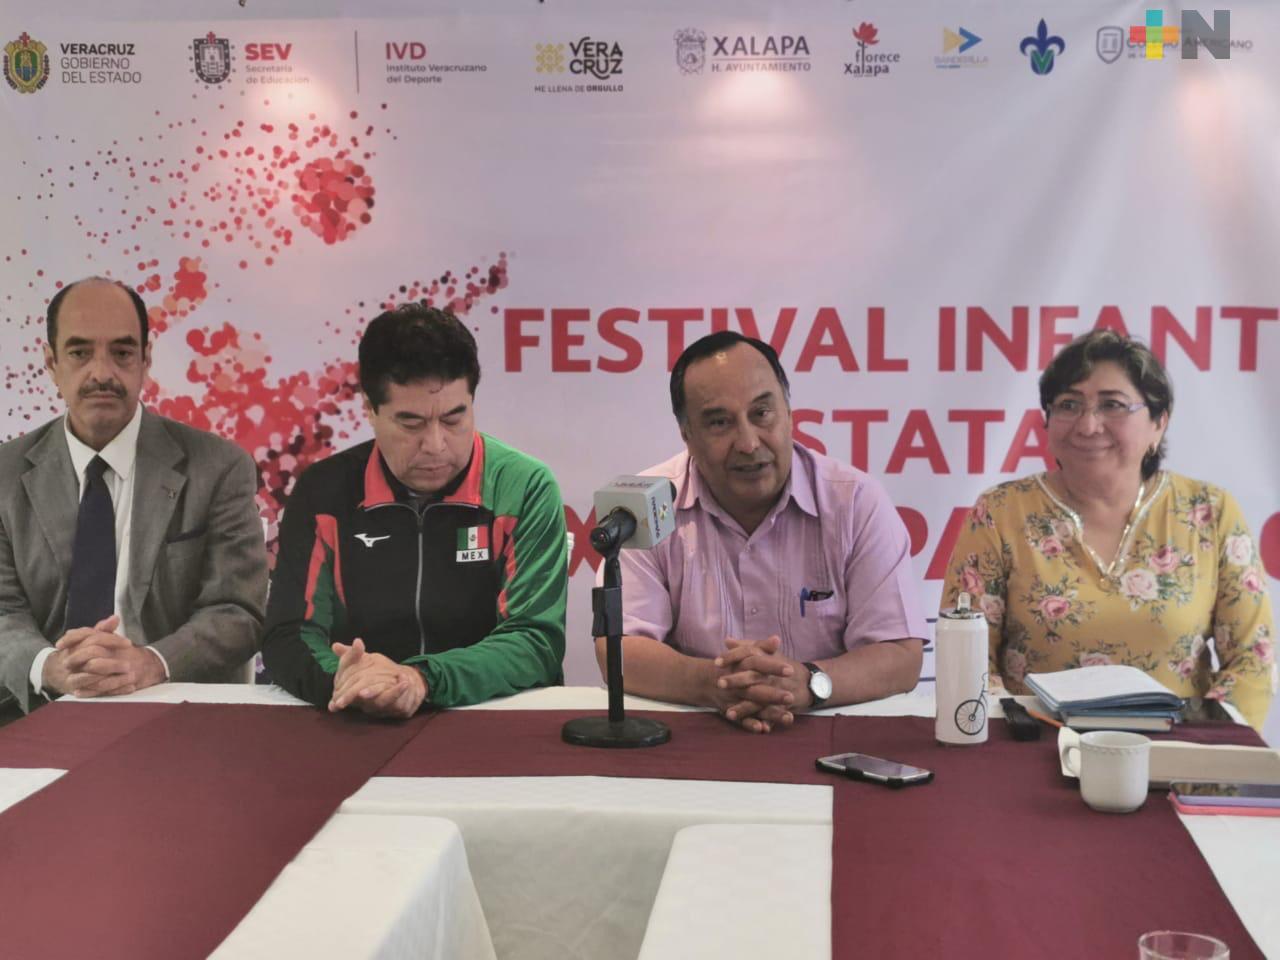 Más de ochenta equipos en Festival Estatal de Voleibol